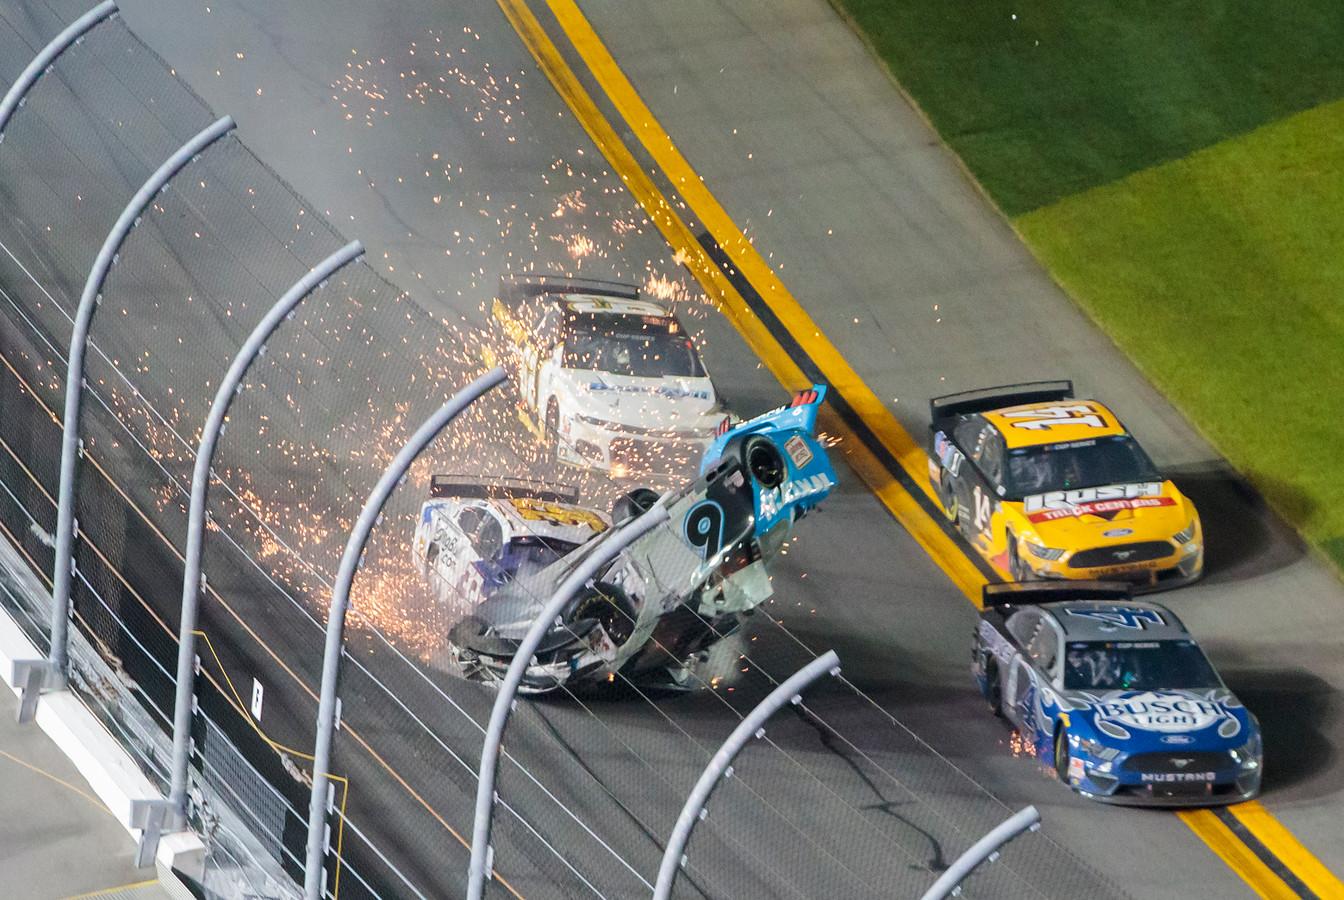 De wagen van Ryan Newman (6) gaat de lucht in nadat hij is geraakt door Corey LaJoie (32).